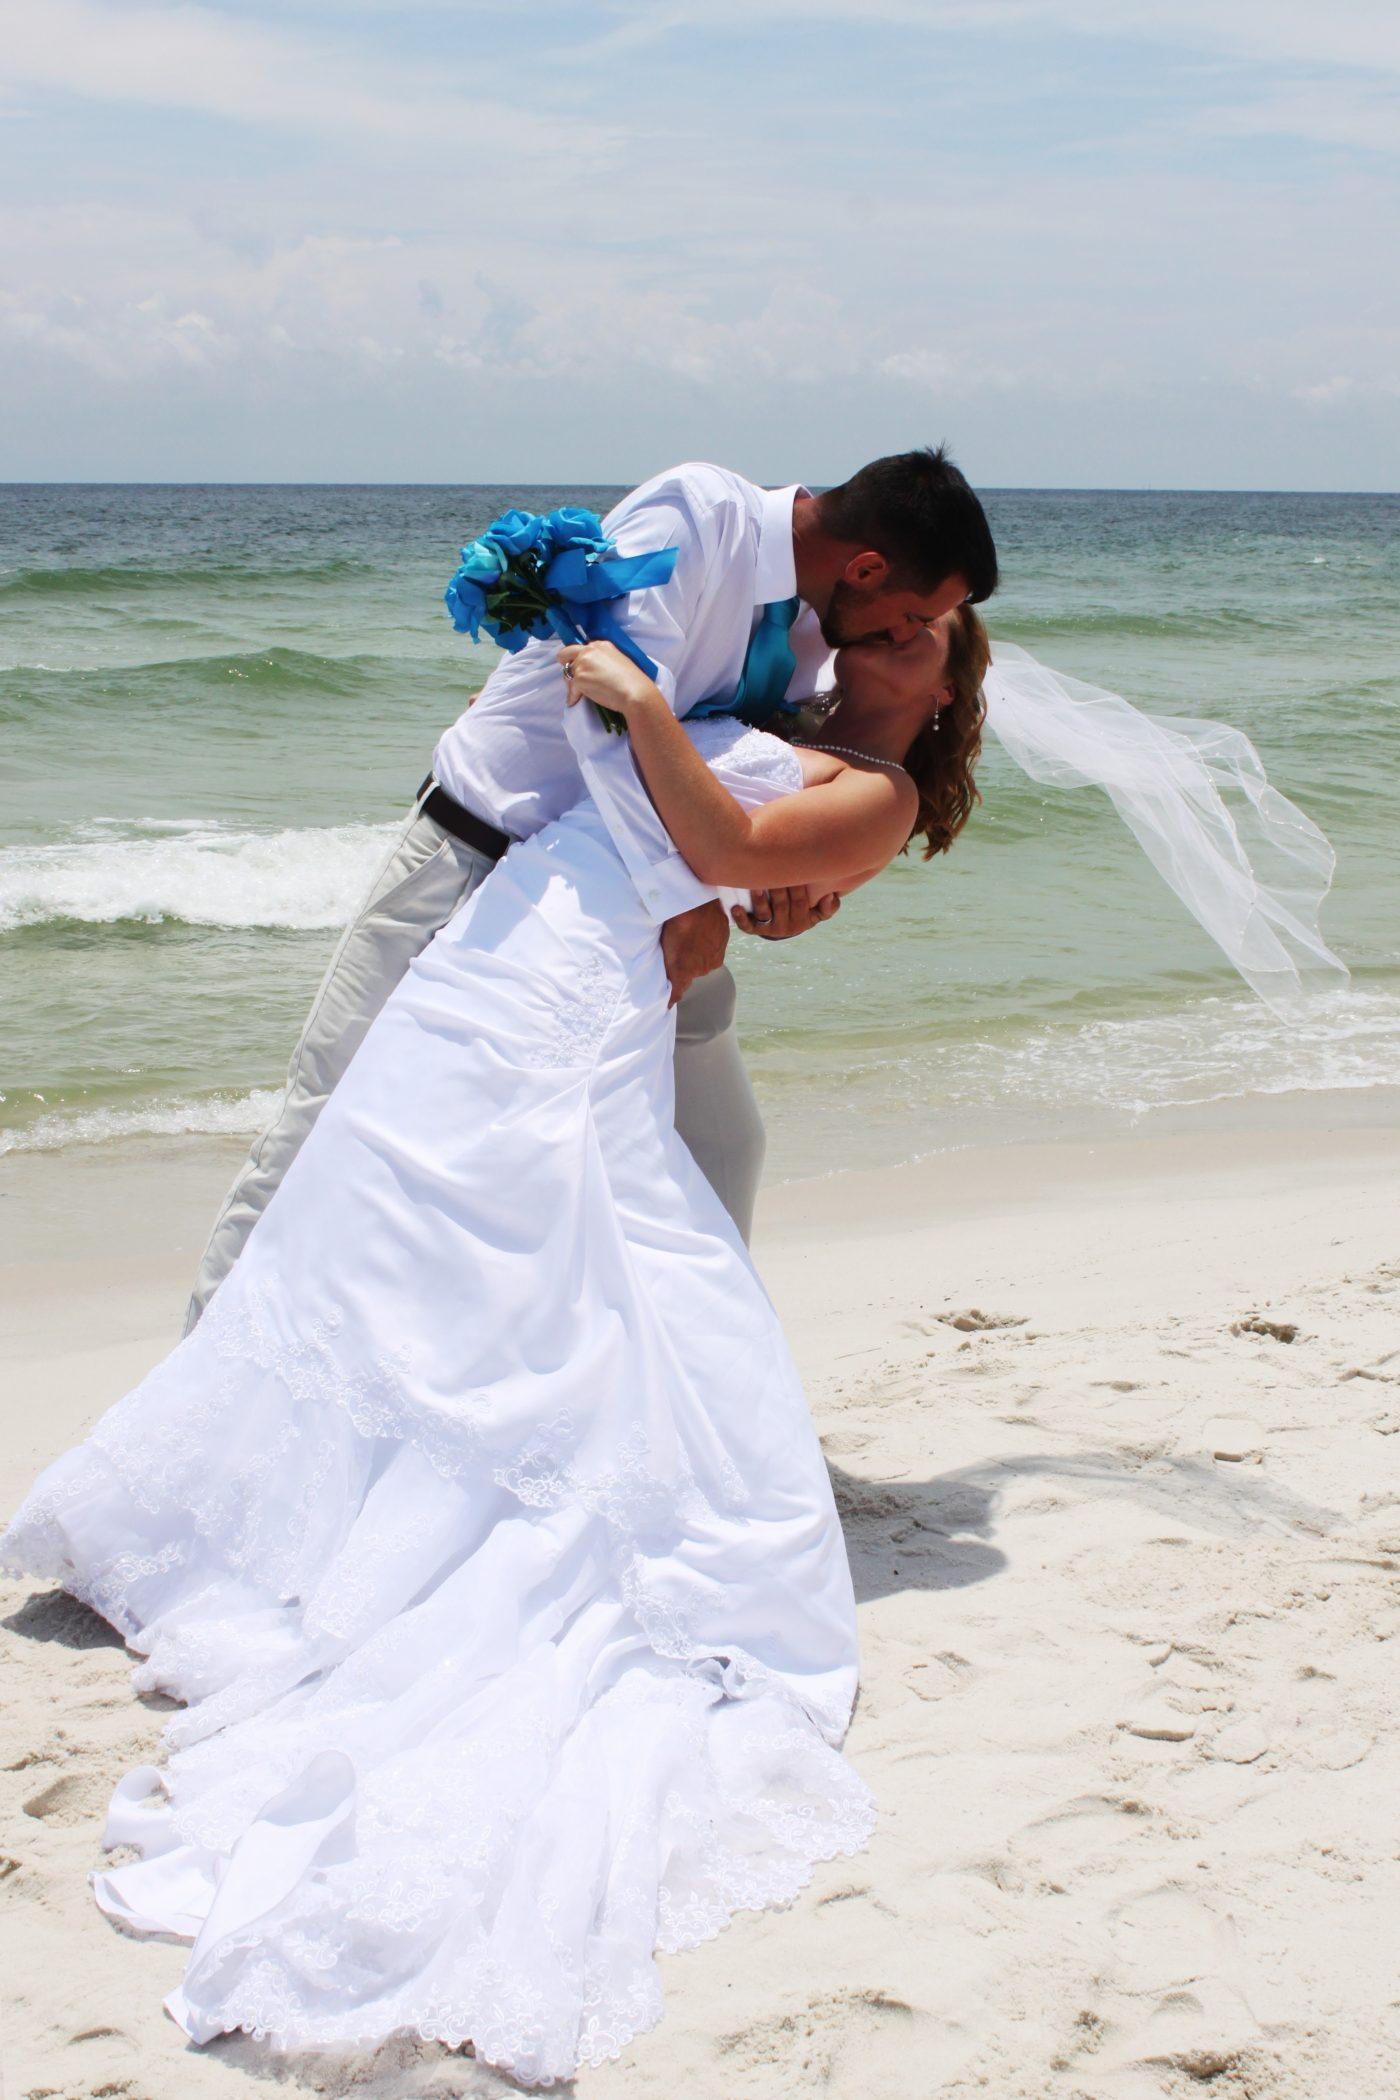 BEACH WEDDING ROMANCE